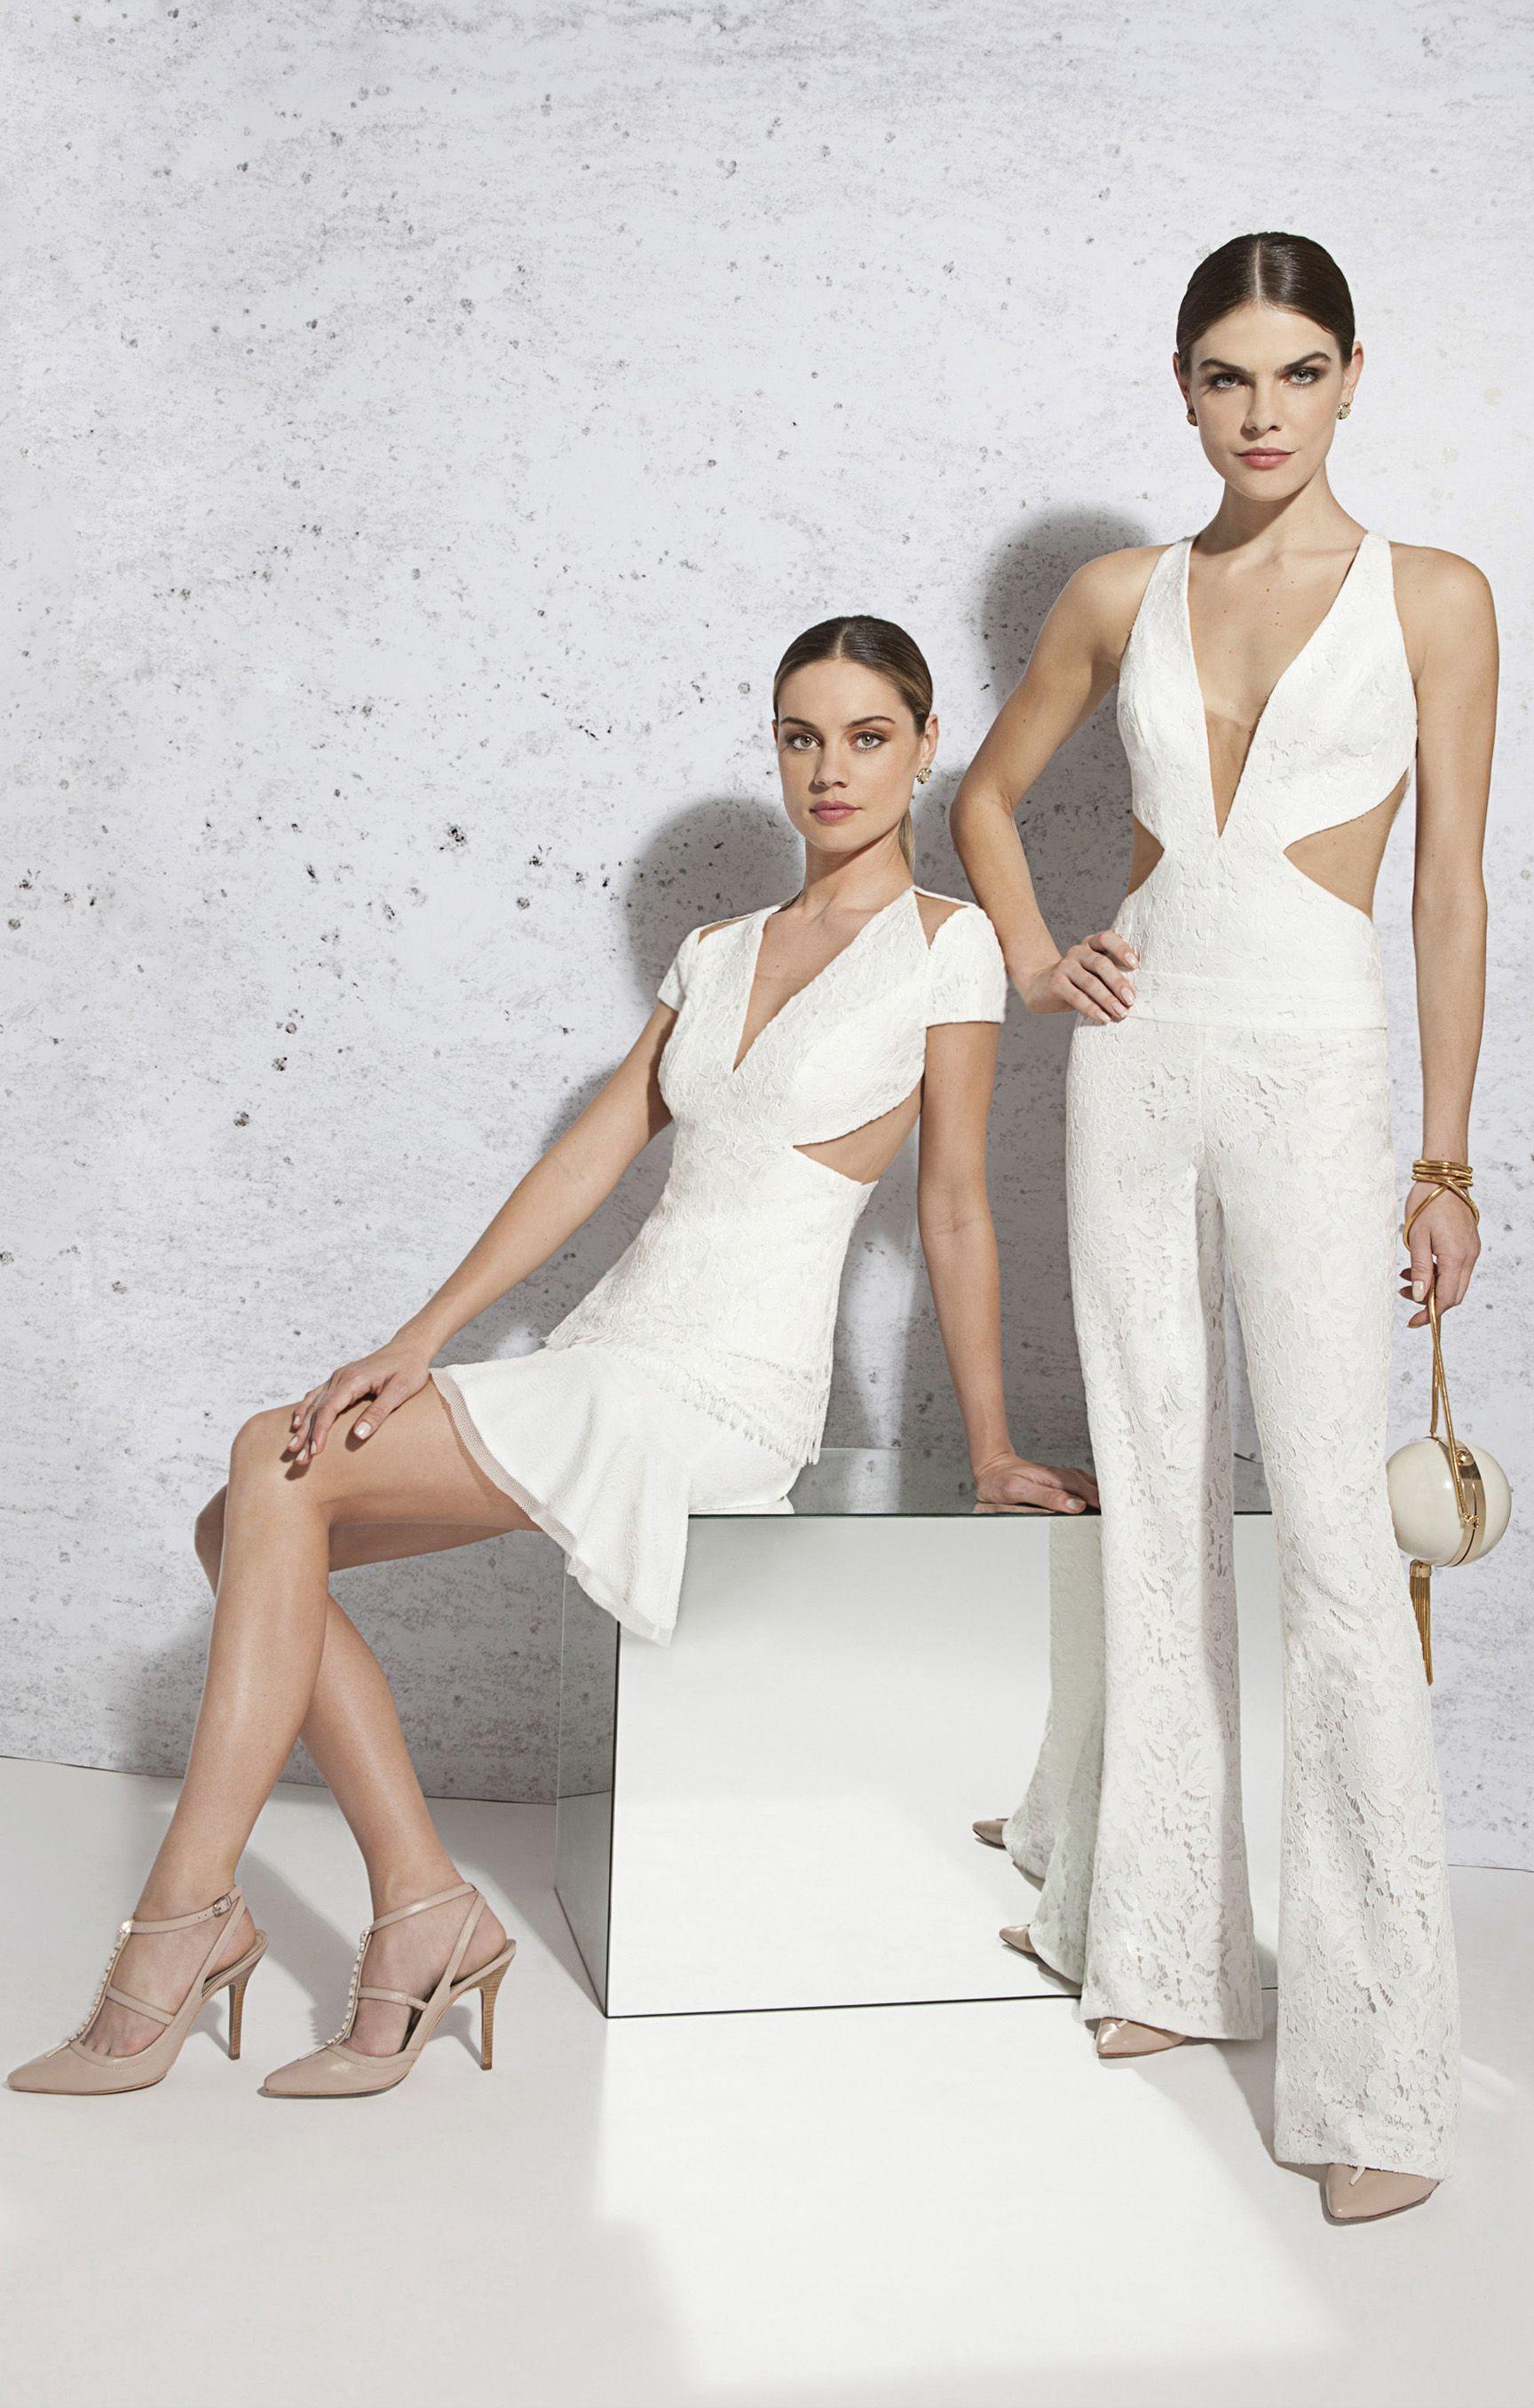 Look da virada: Bo.Bô lança coleção especial Réveillon - Vogue | News